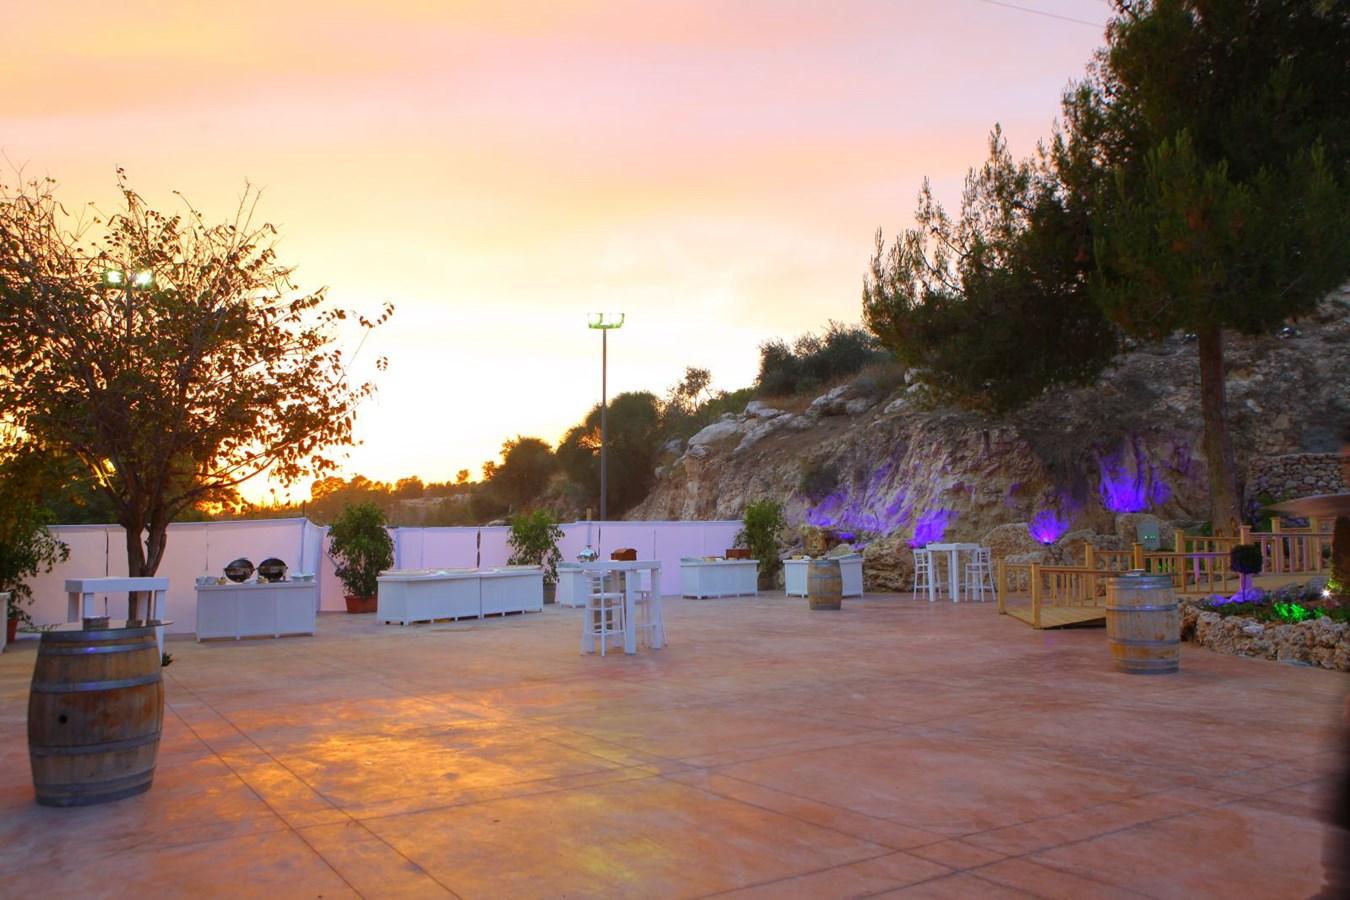 חתונה בצלע ההר: שילוב של פשטות כפרית וסגנון מלכותי , מקום לחגוג, 6